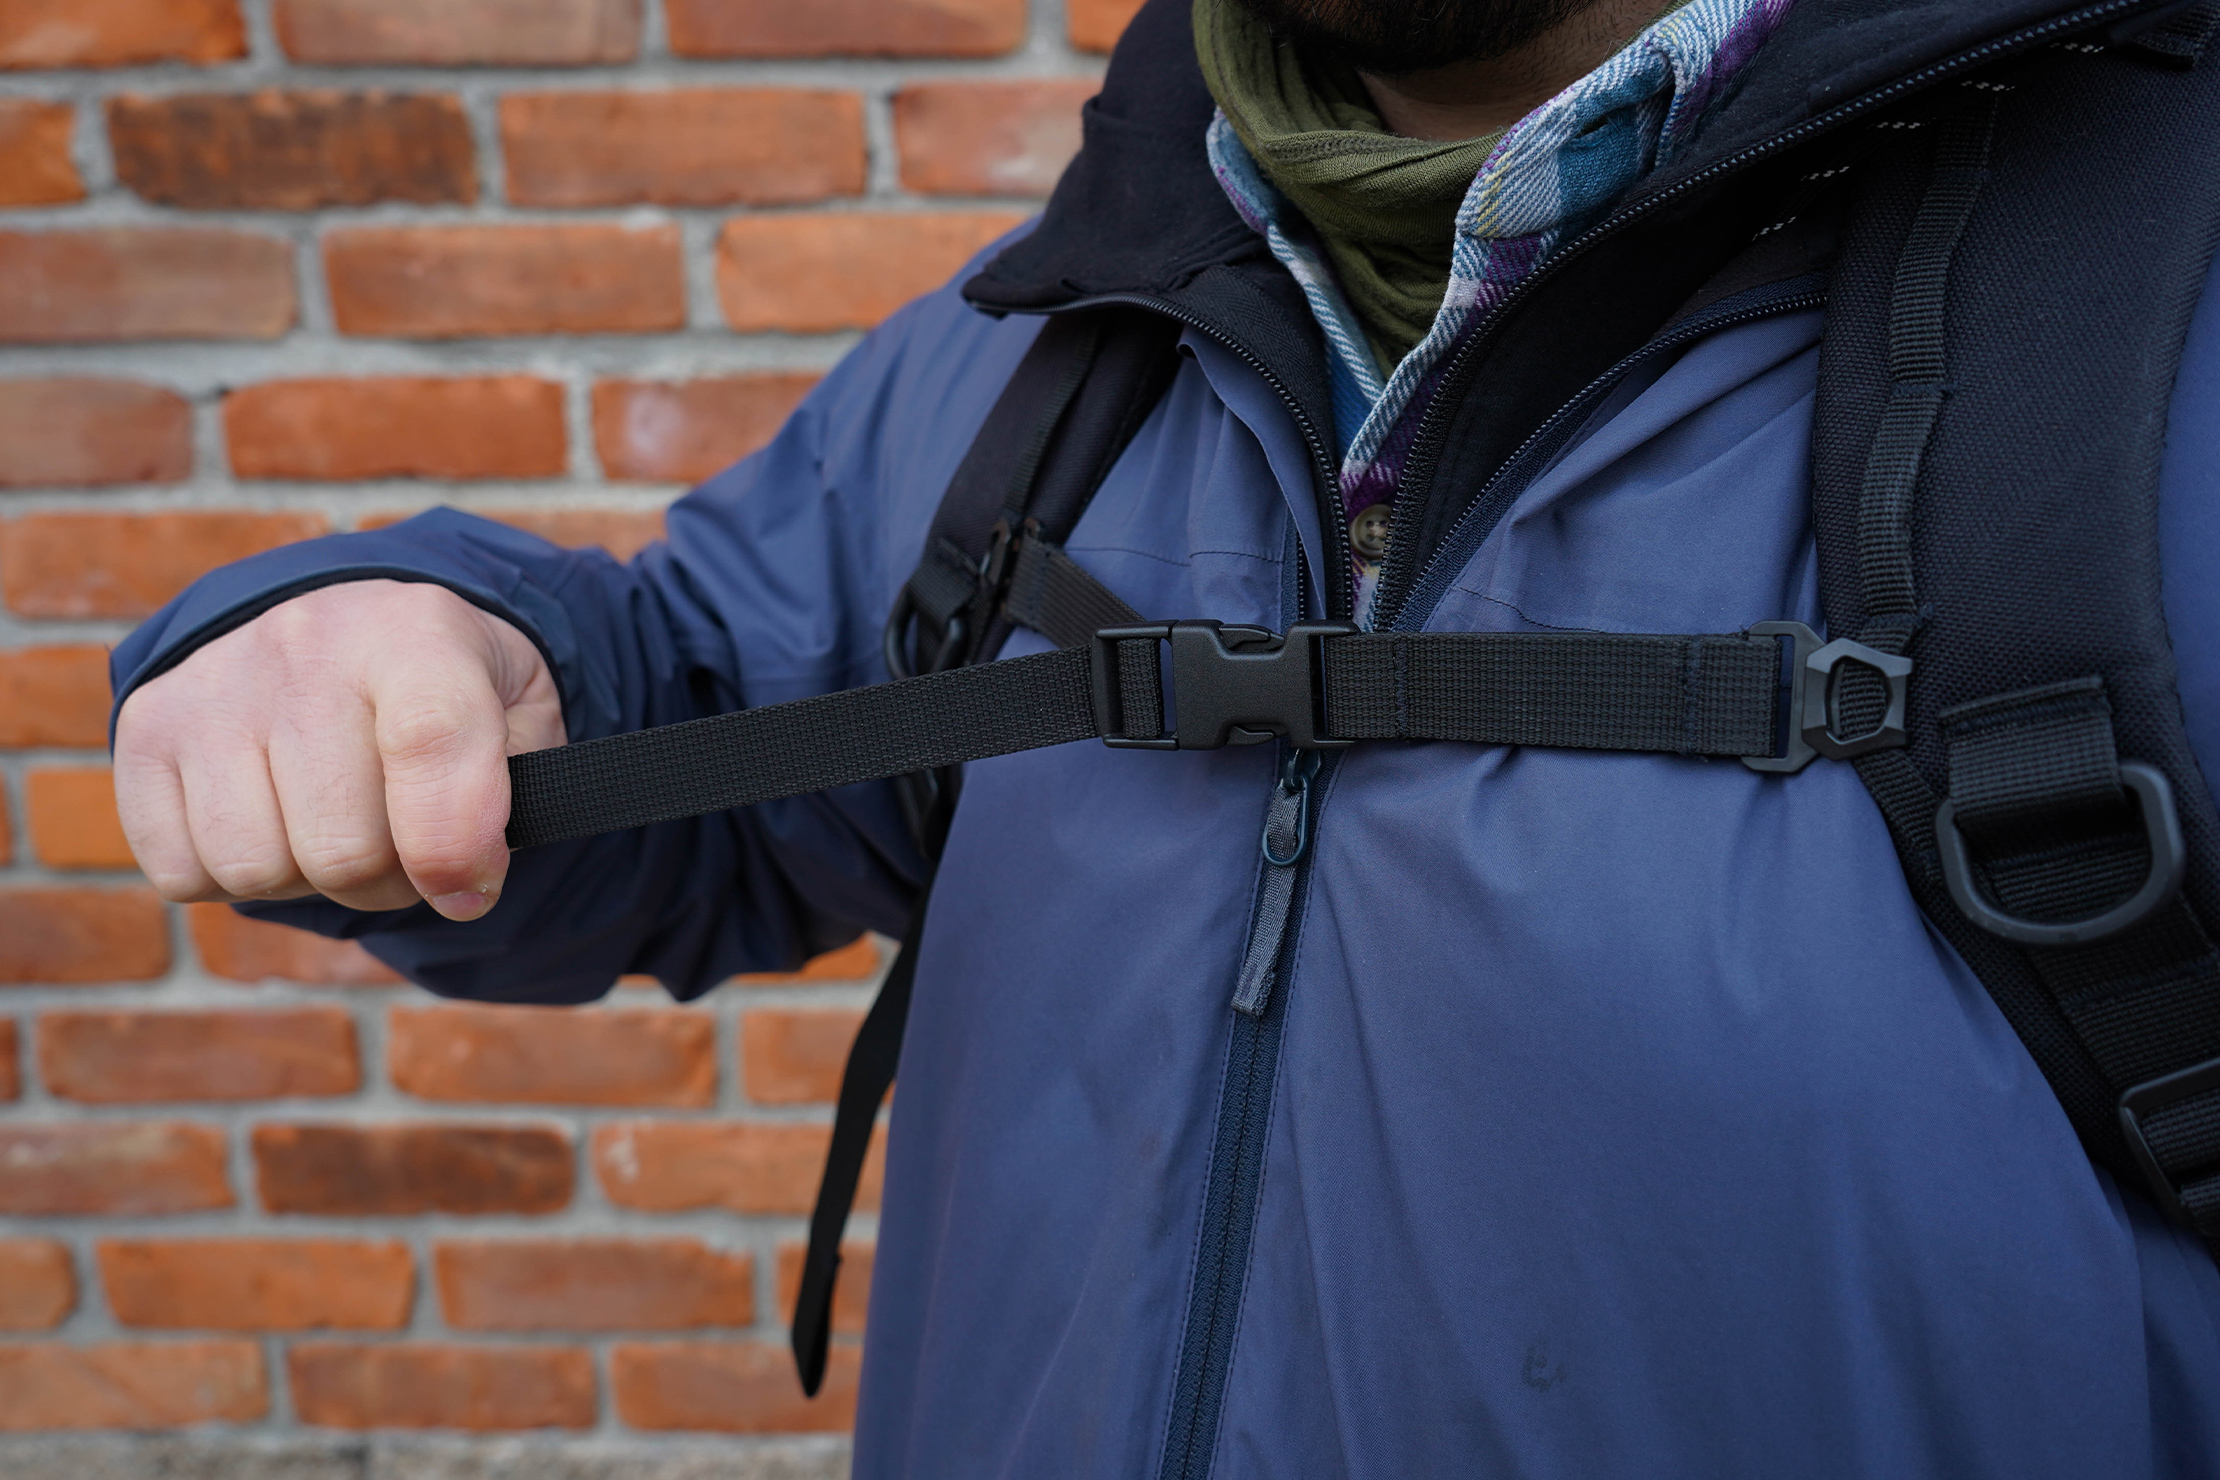 Topo Designs Core Pack Sternum Strap